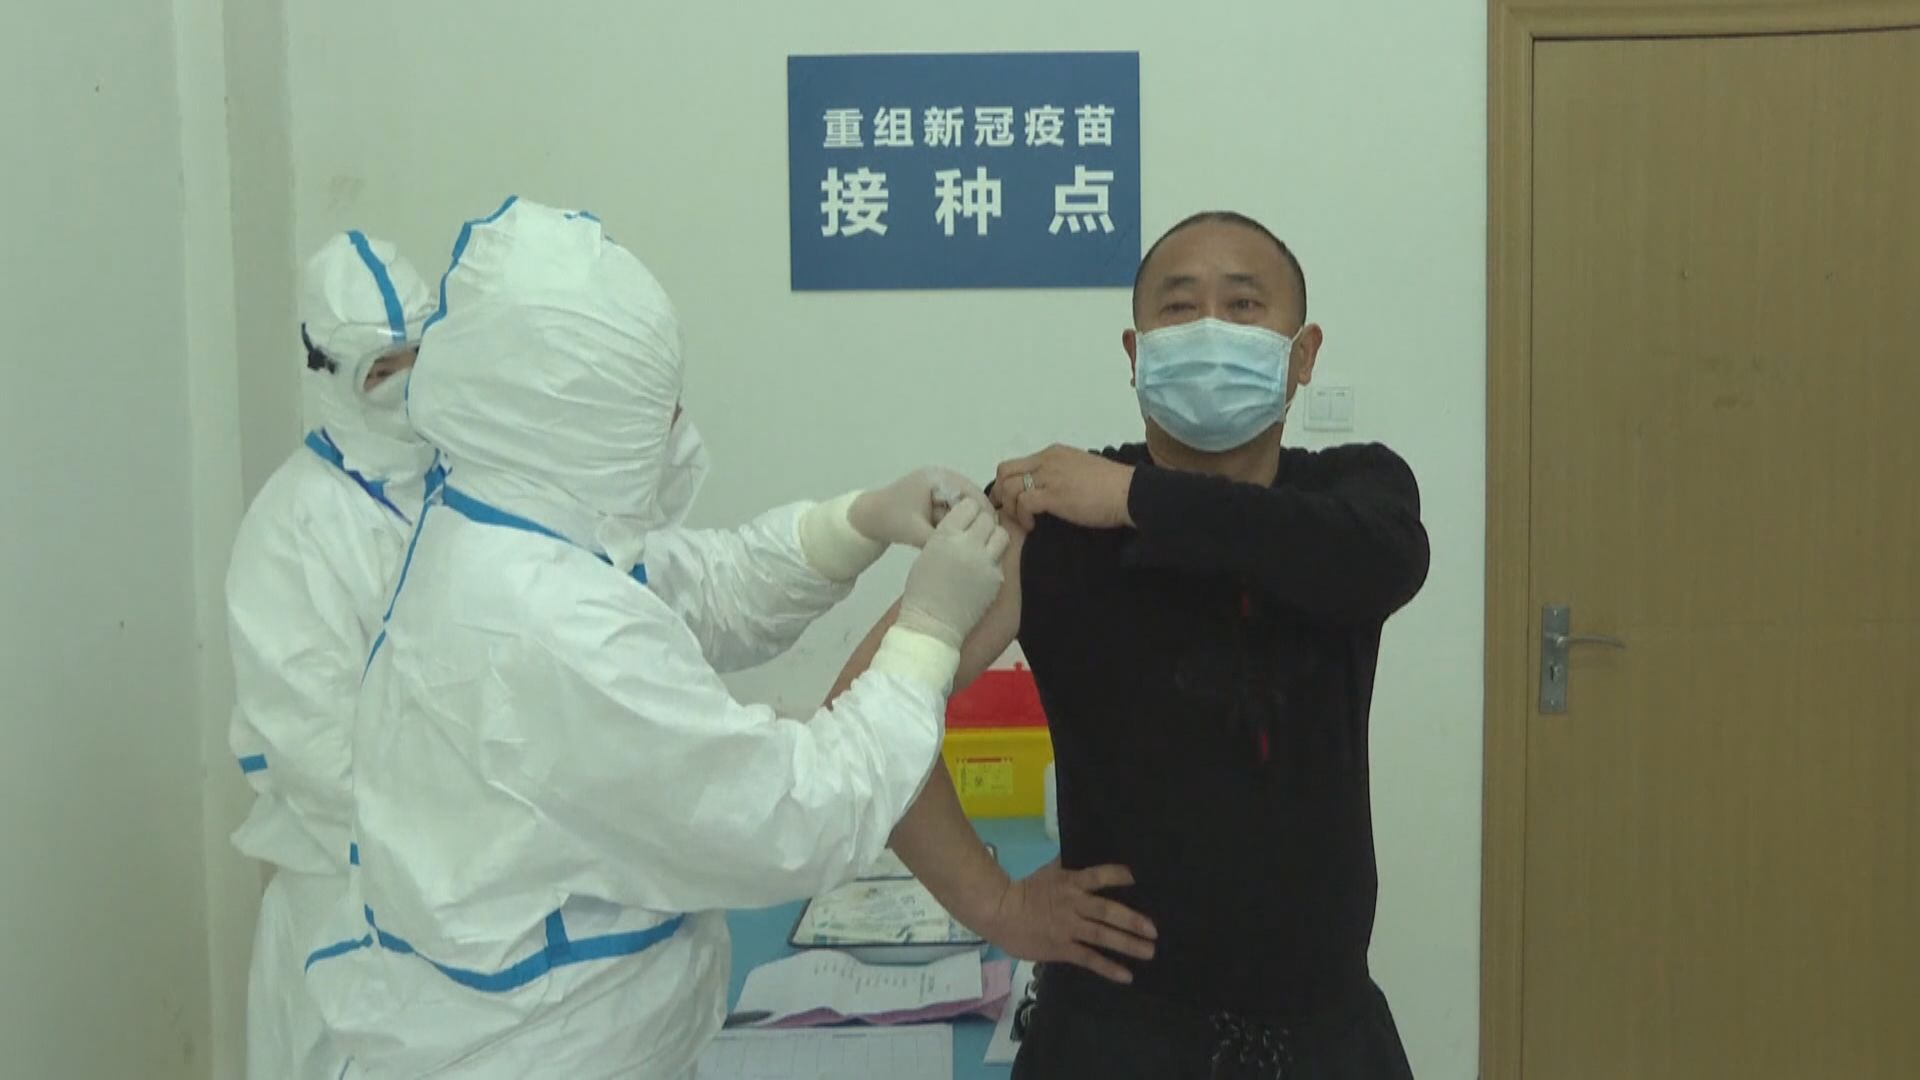 譚德塞:全球須要為下一次疫情大流行做更充分準備